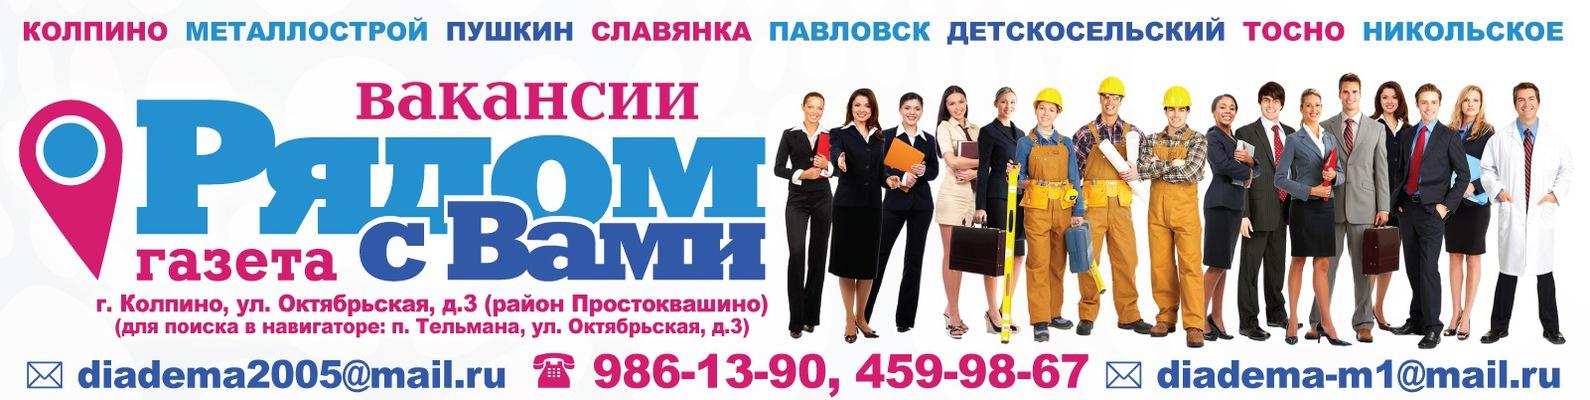 Работа в колпино пушкине свежие вакансии 2015 акцептованы счета за принятые работы и услуги организации связи